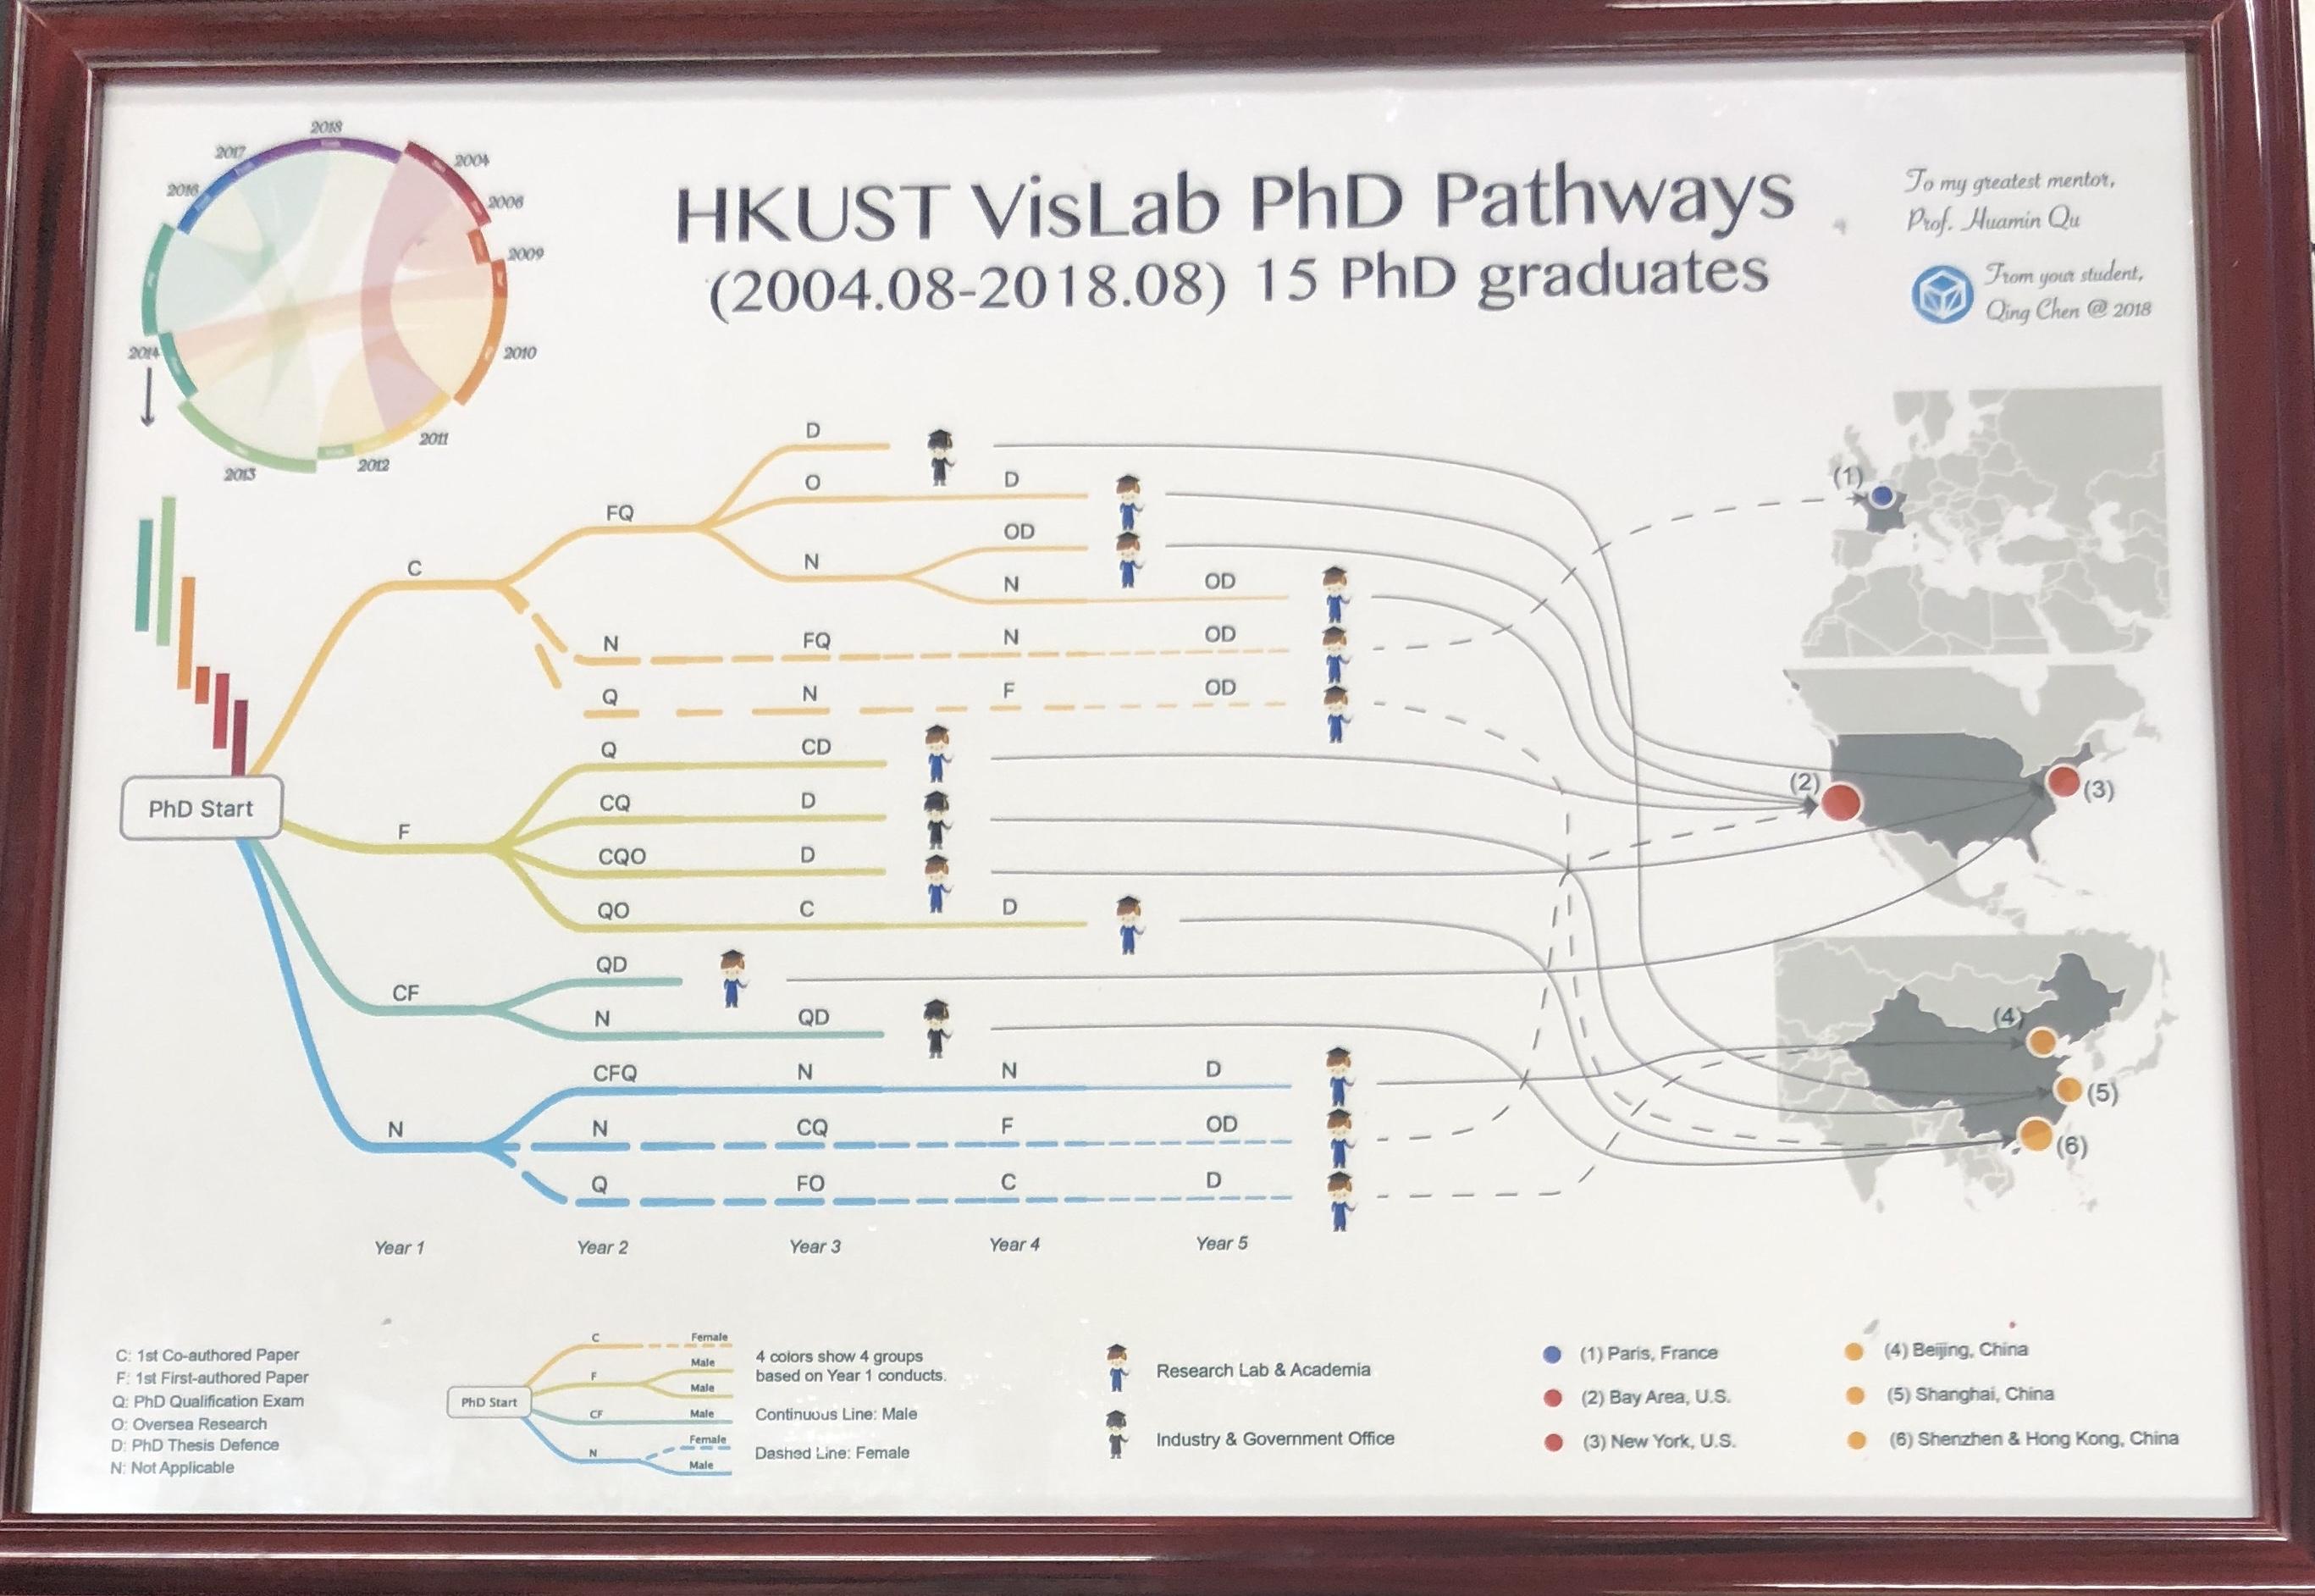 pathways_PhD_qing_2.jpg